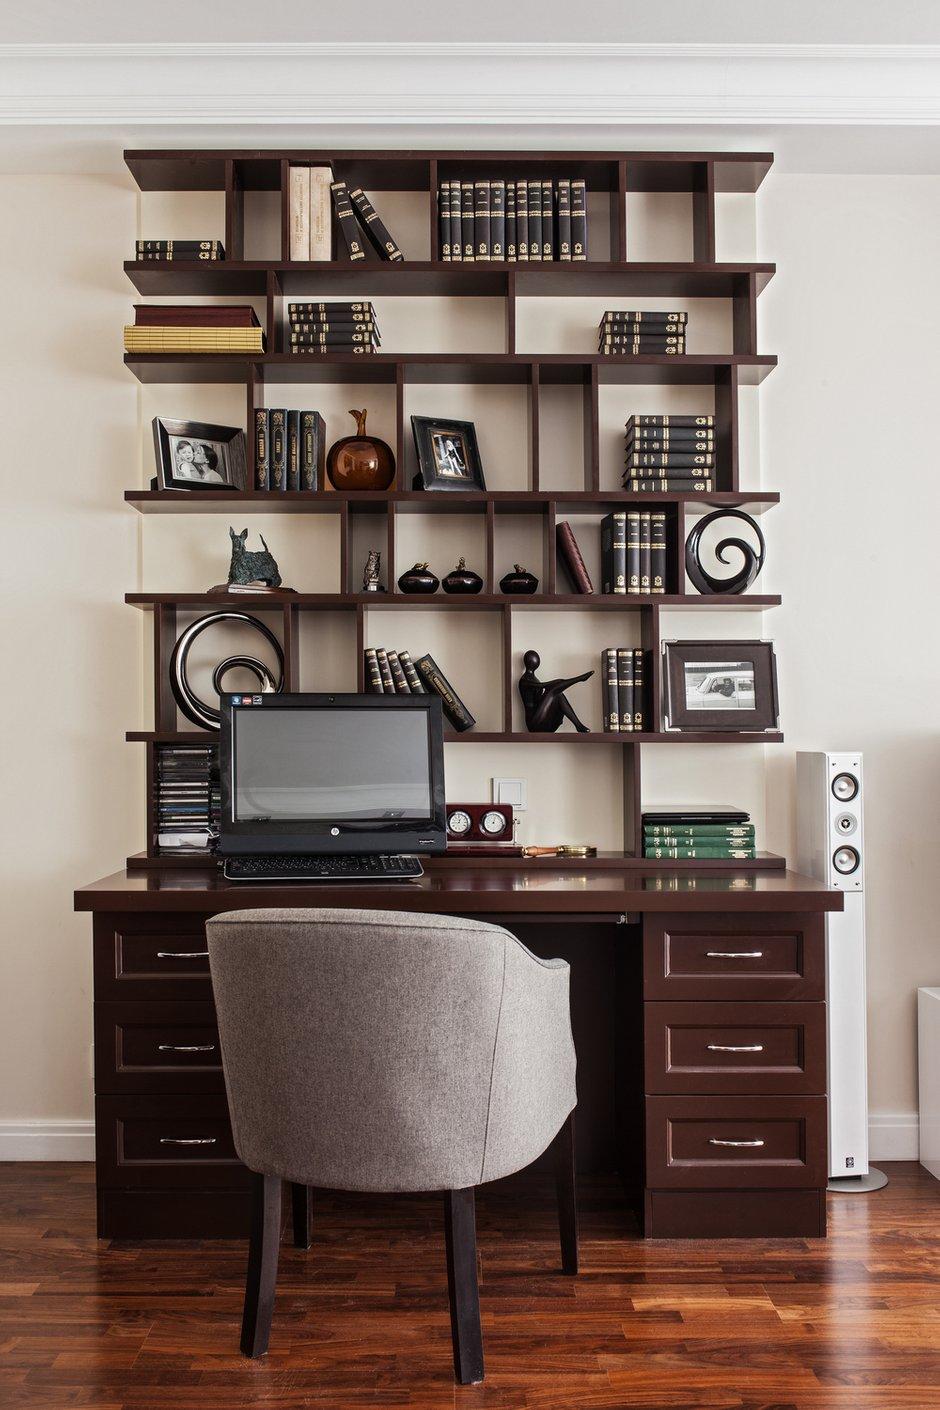 Фотография: Офис в стиле Современный, Квартира, Hudson Valley, Vistosi, Дома и квартиры, Проект недели, Porada – фото на INMYROOM